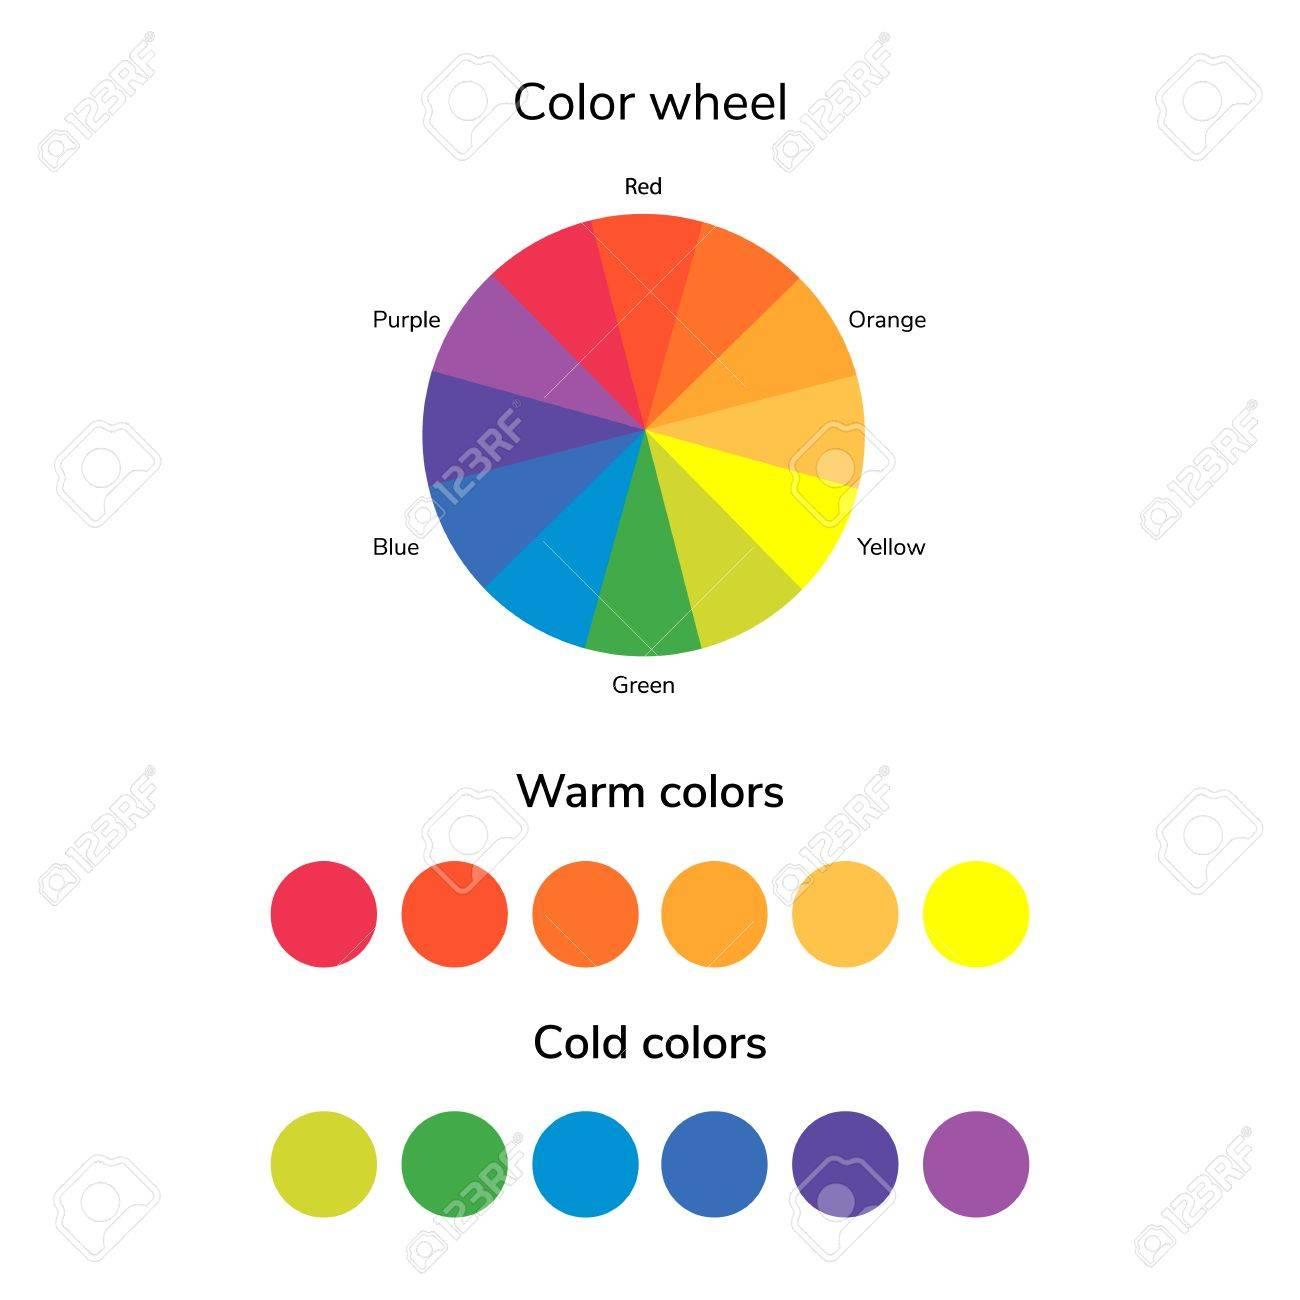 Tipos de colores cálidos y fríos